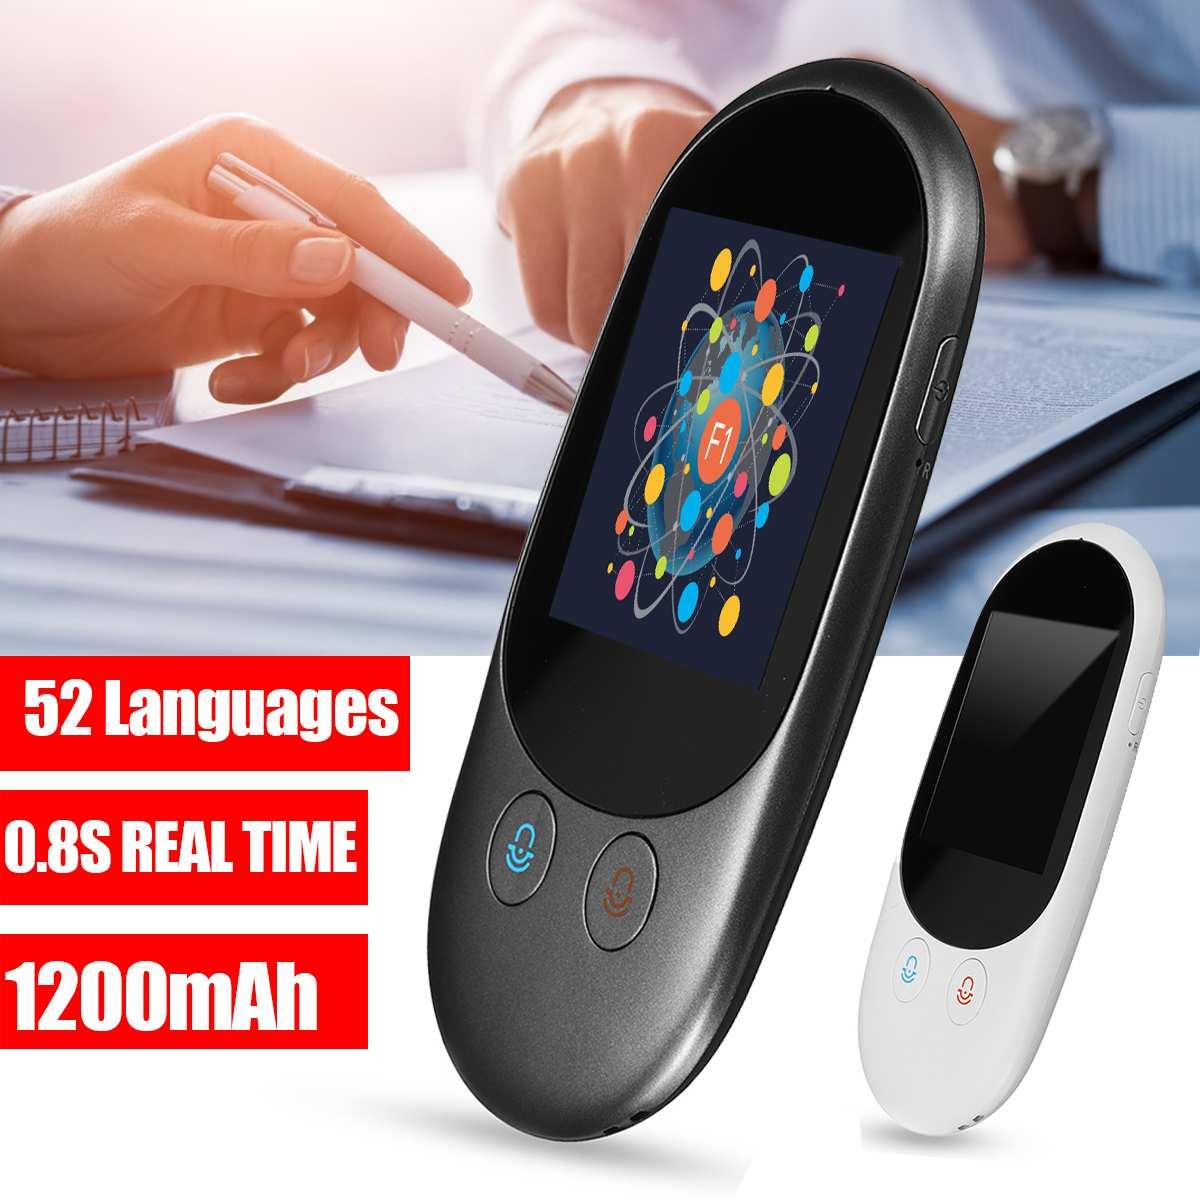 Tradutor De Voz Wi-fi Sem Fio Inteligente portátil 52 Aprendizagem Linguagem 2-Way Tradução Instantânea Para Reunião de Negócios de Viagem Ao Ar Livre